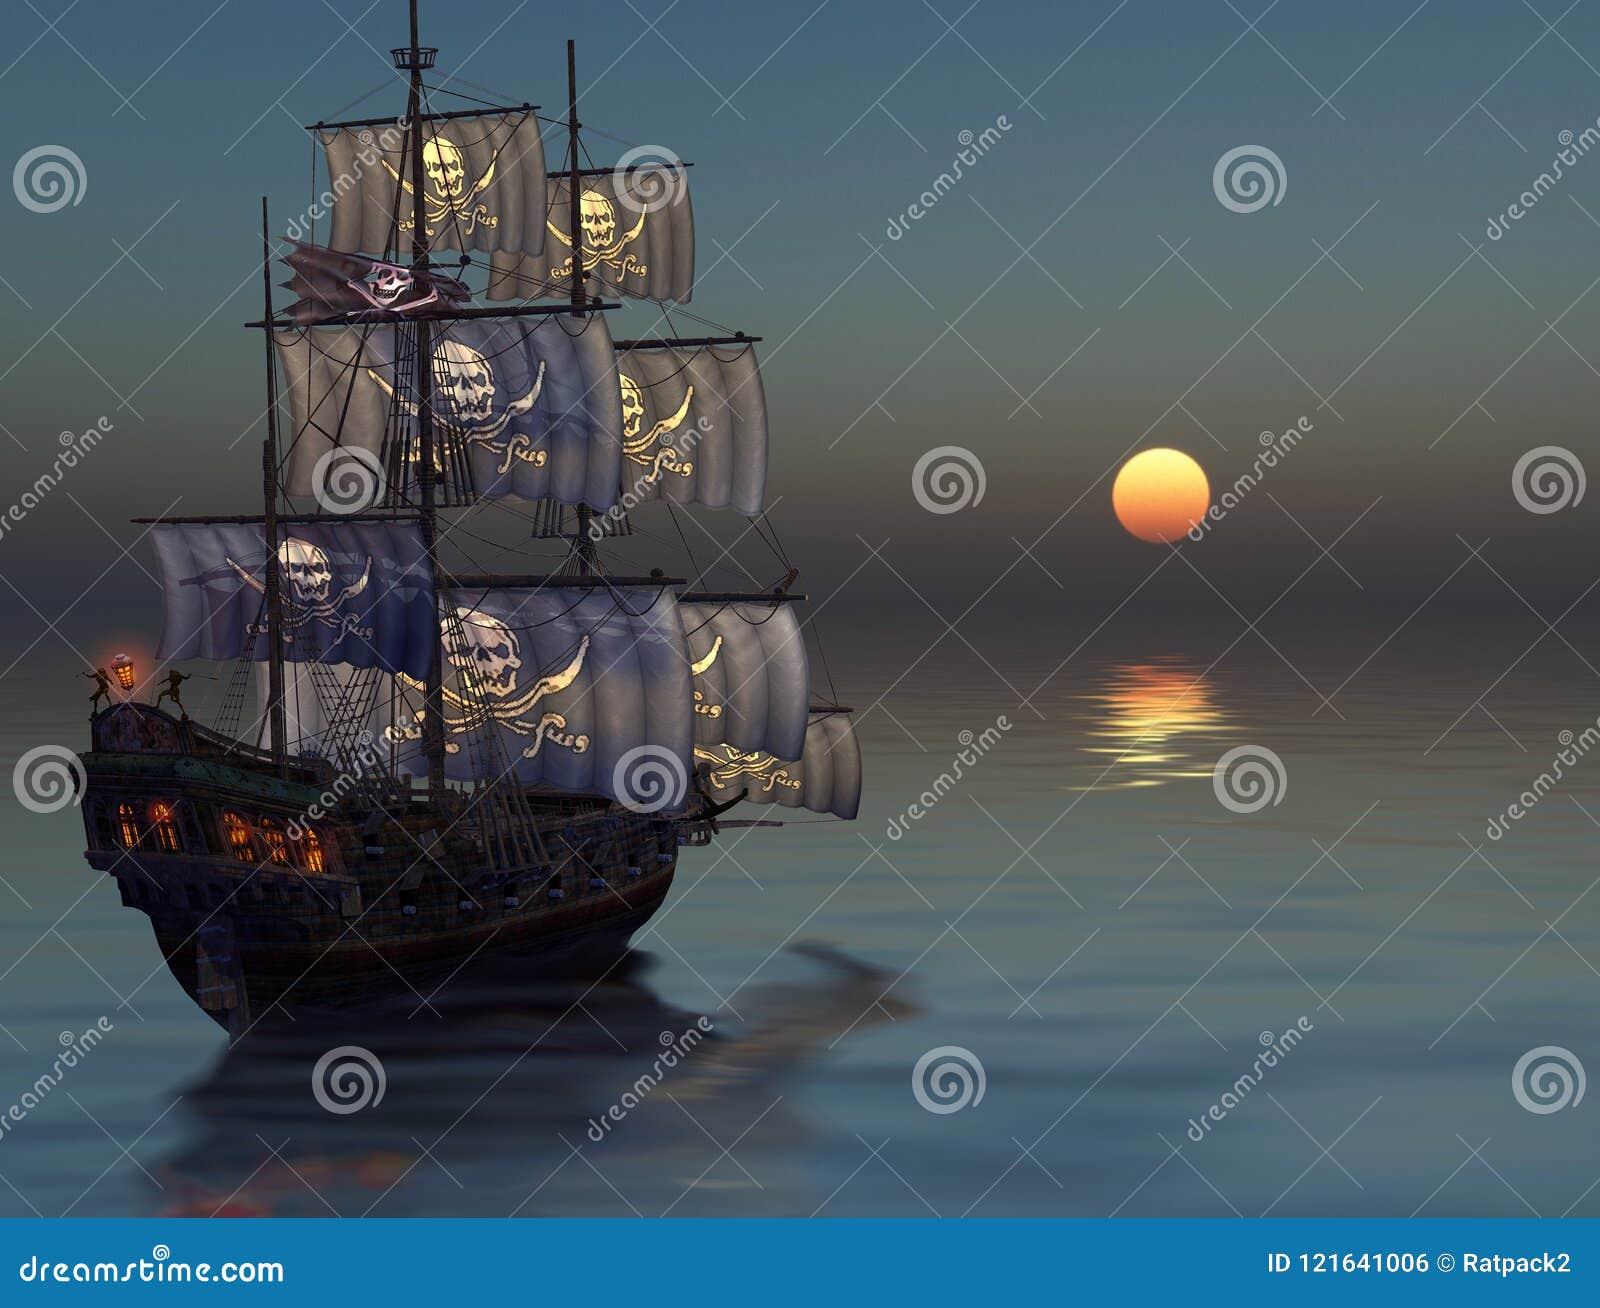 Piraatschip die in de zonsondergang varen